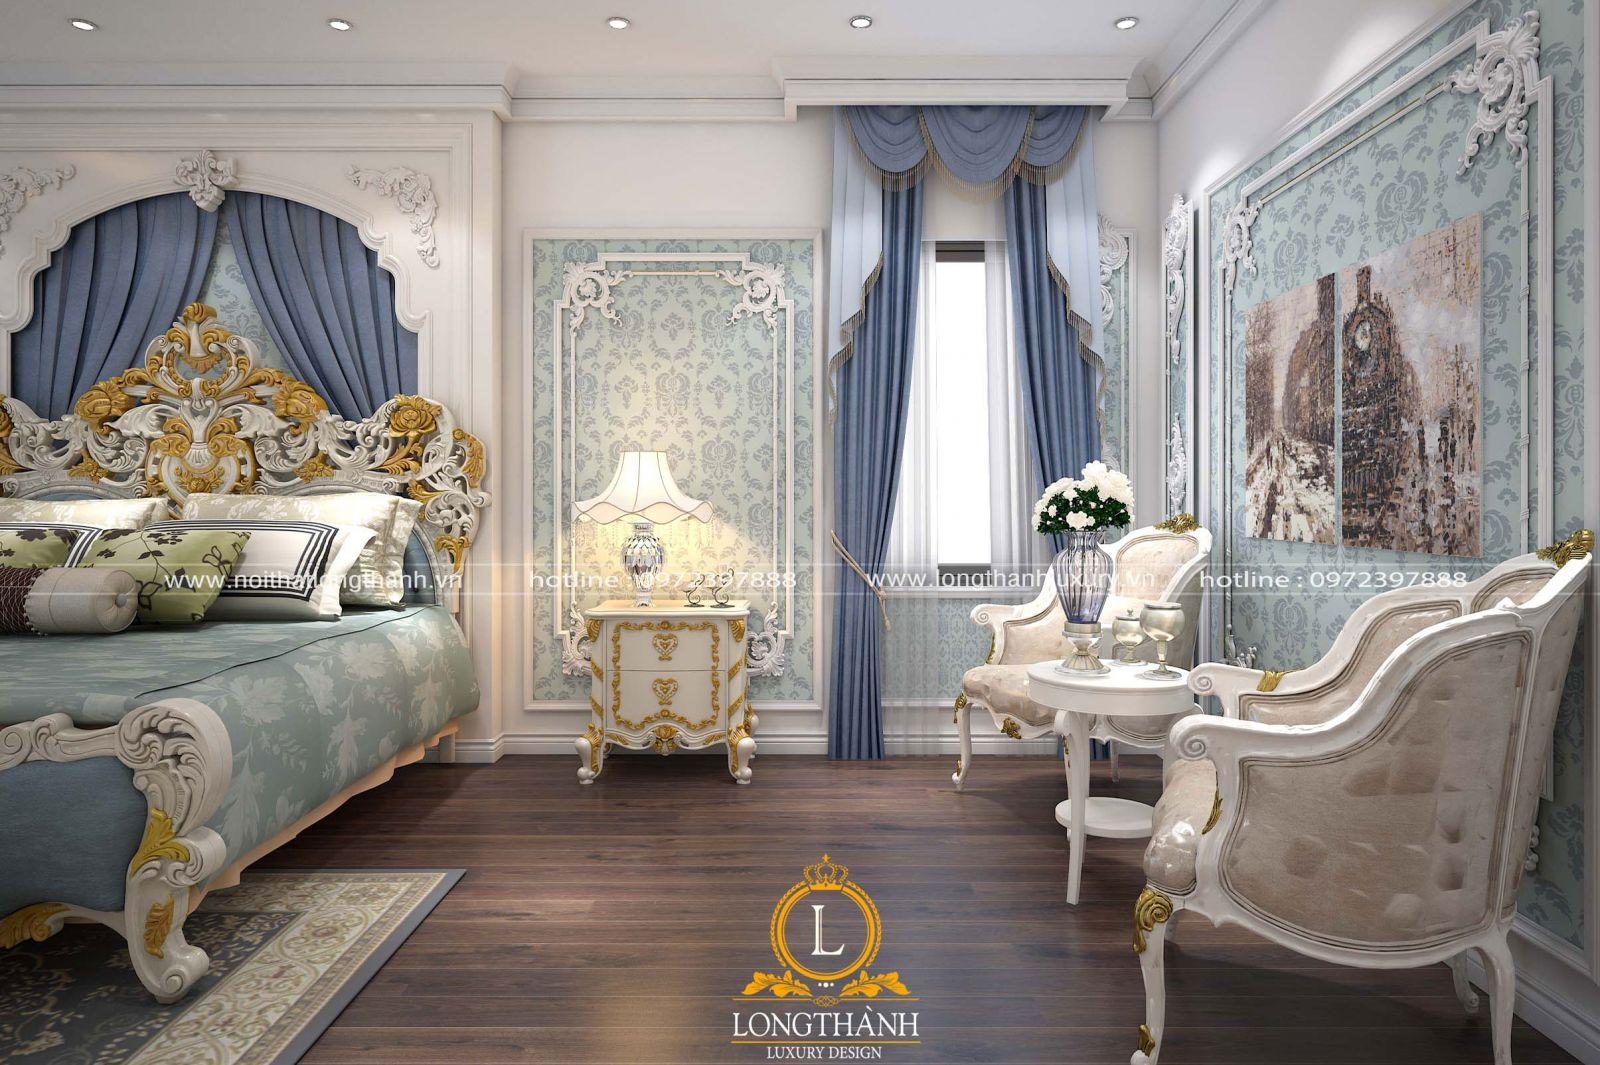 Tab đầu giường sơn màu trắng mang đến cảm giác nhẹ nhàng, thanh lịch